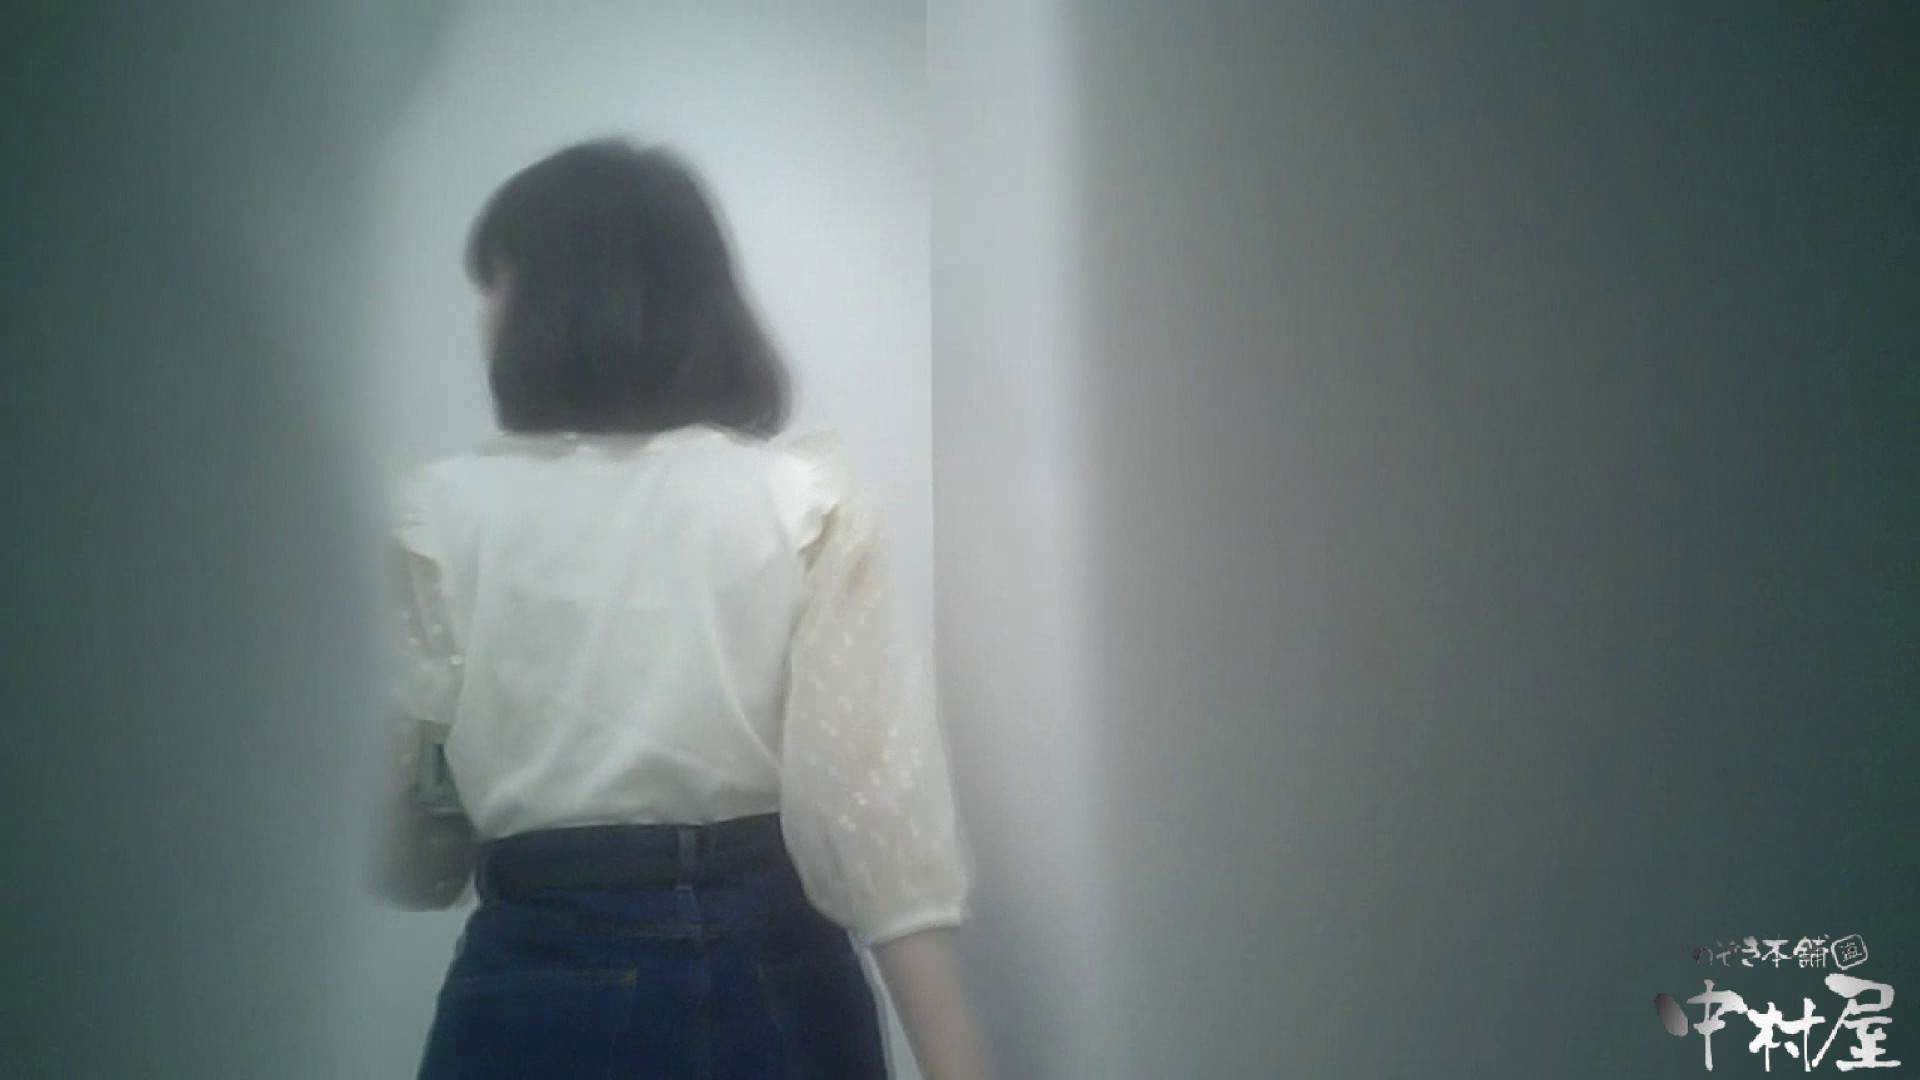 【某有名大学女性洗面所】有名大学女性洗面所 vol.43 いつみても神秘的な世界です。 和式 | 投稿  87pic 57